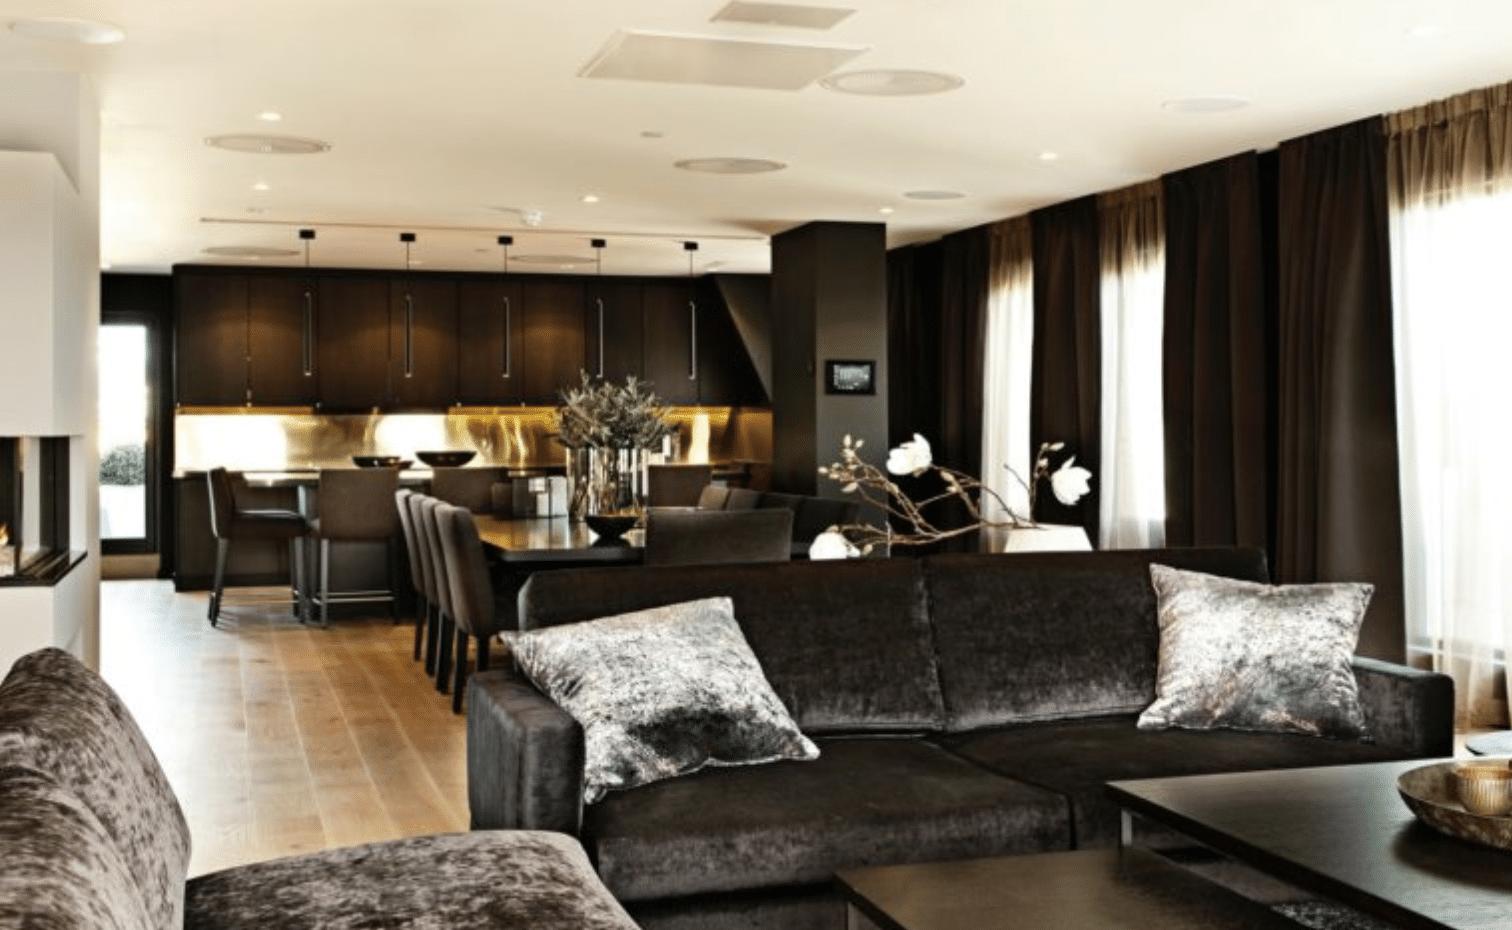 Saga Hotel in Oslo